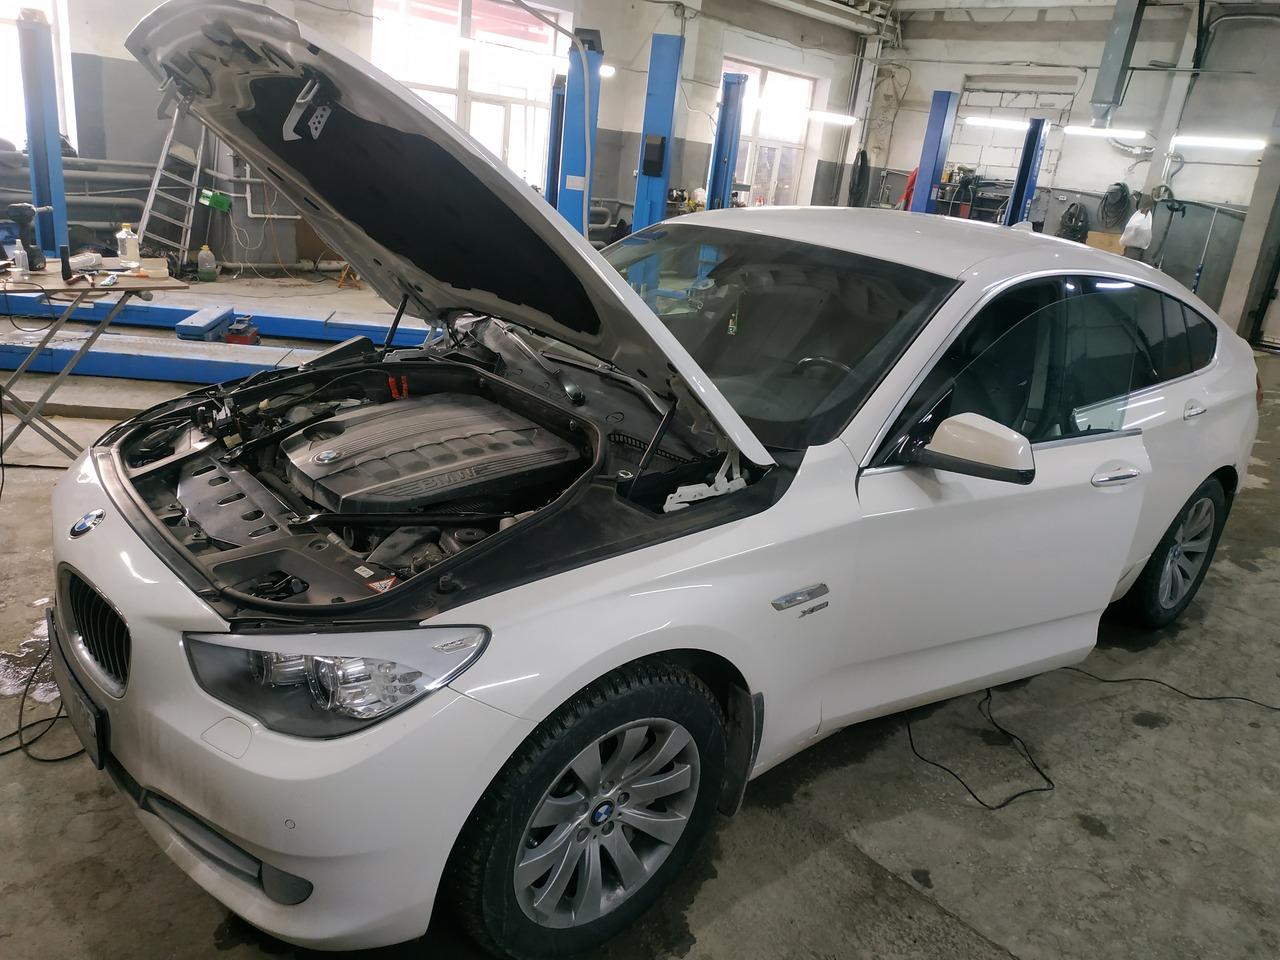 BMW F07 GT 530d 2011 г.в.